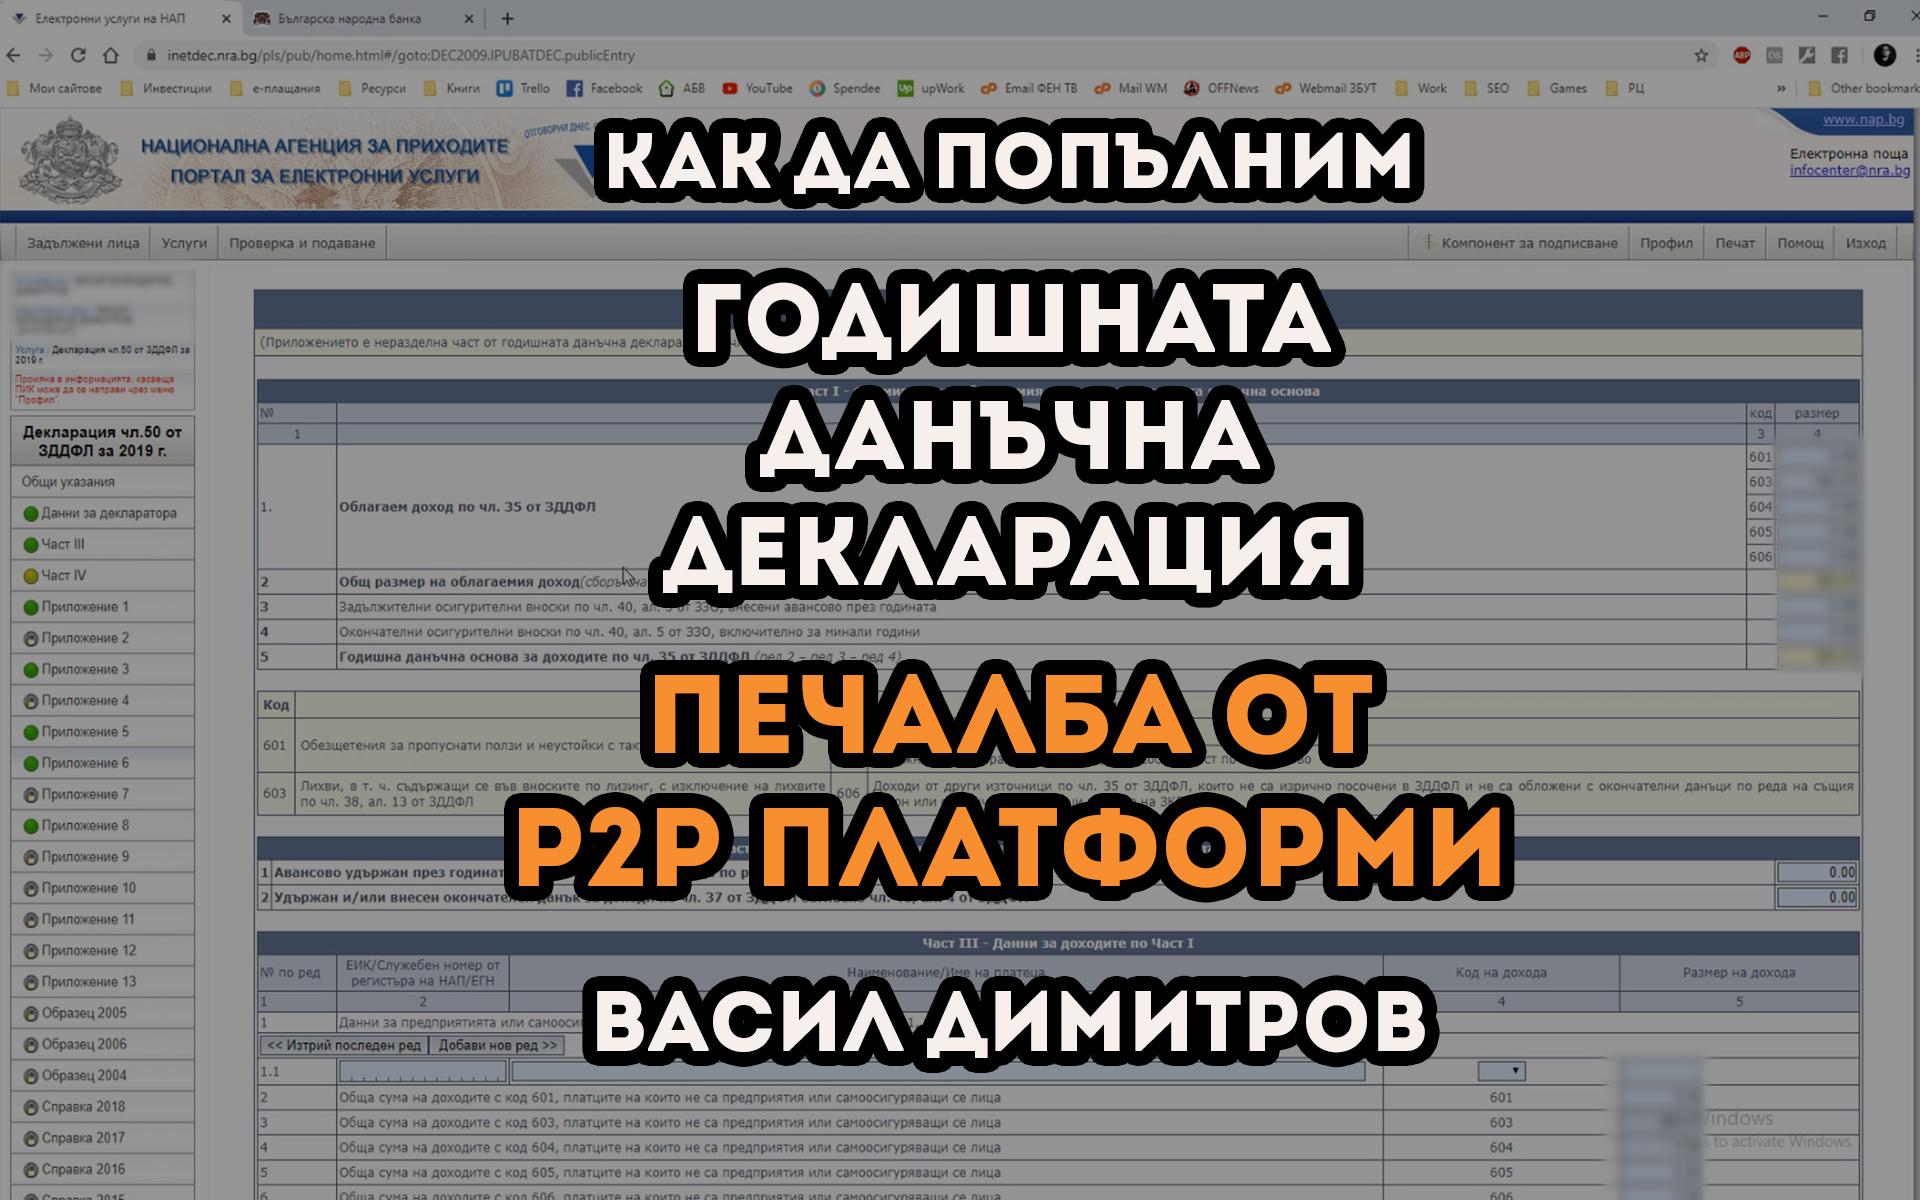 попълване на данъчна декларация за доходи от p2p платформи